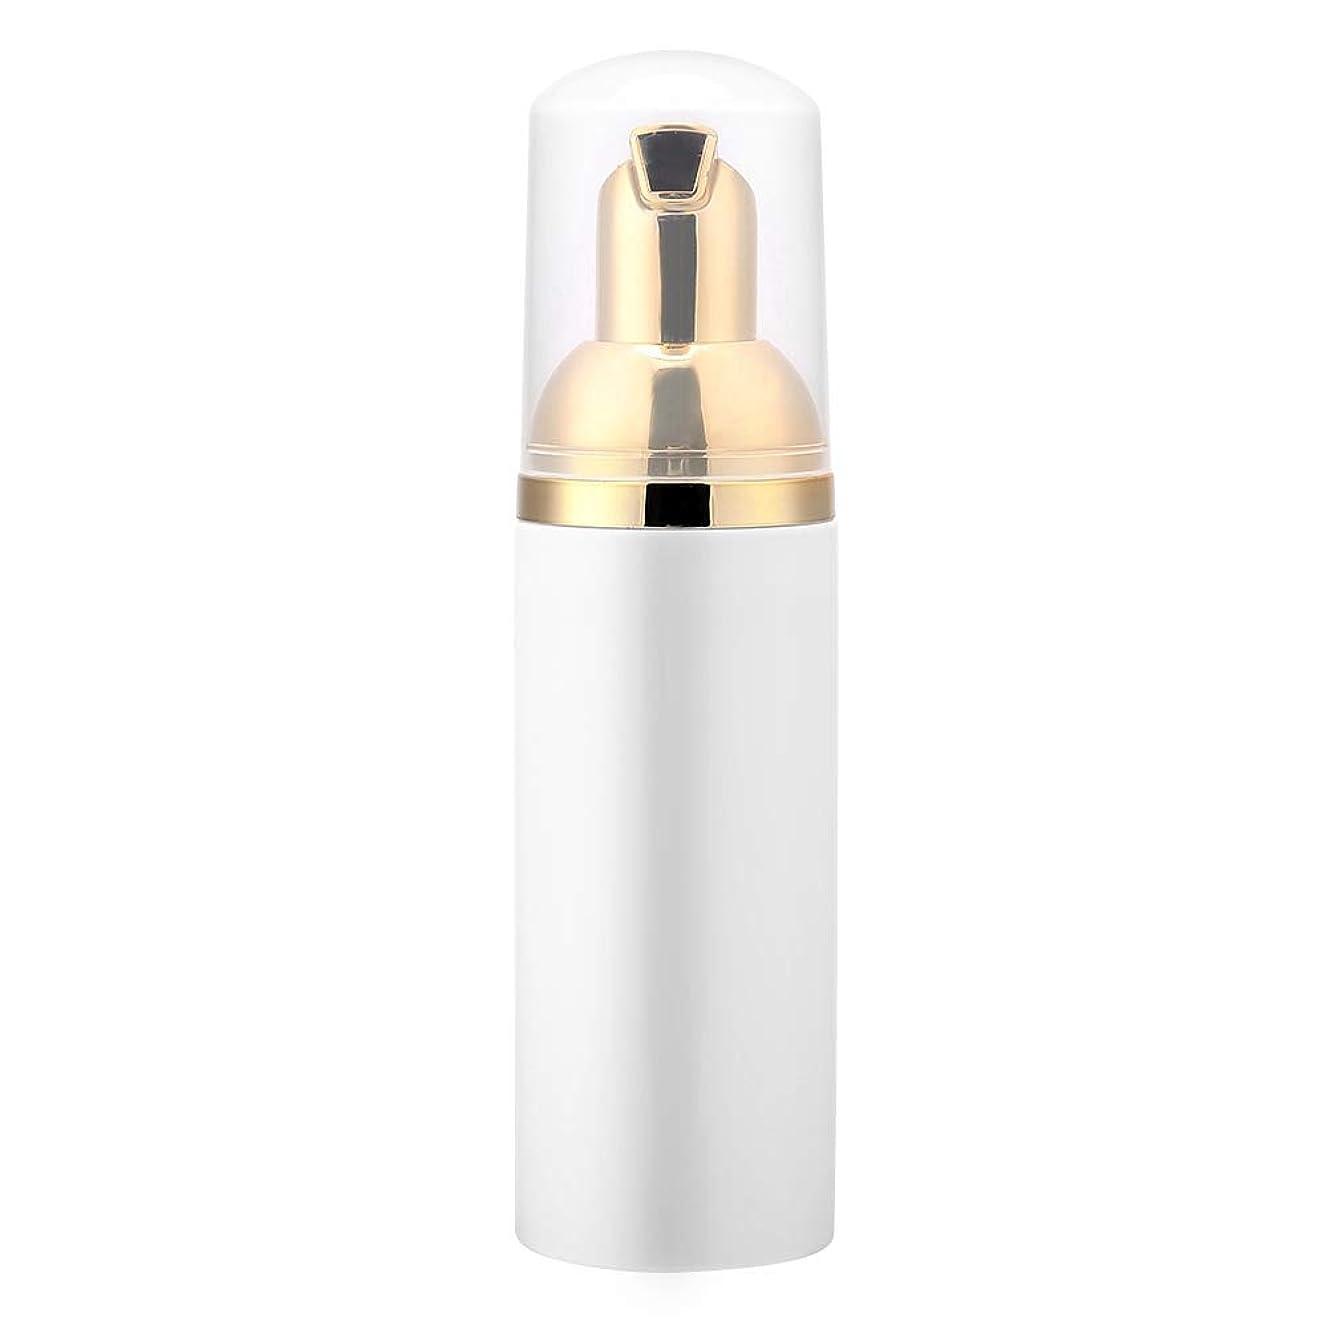 感嘆符ナビゲーションスペルフォームクレンザーのまつげ、シャンプーのまつげエクステンション、まつげシャンプーの洗剤プロのまつげエクステンションは、日常使用のための保護を拡張するためのまつげツールを洗います(不透明な瓶)